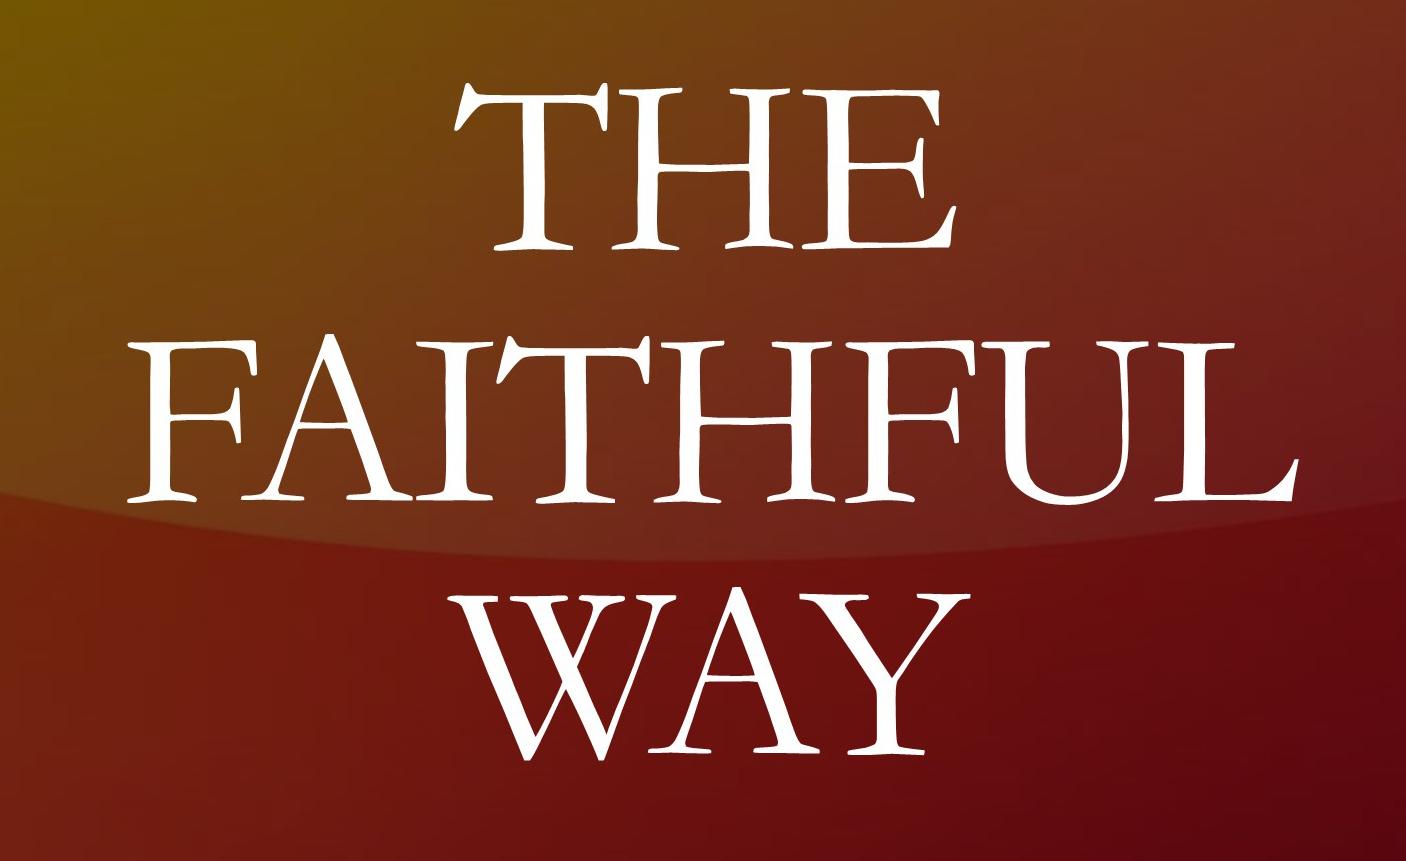 Faithful Way